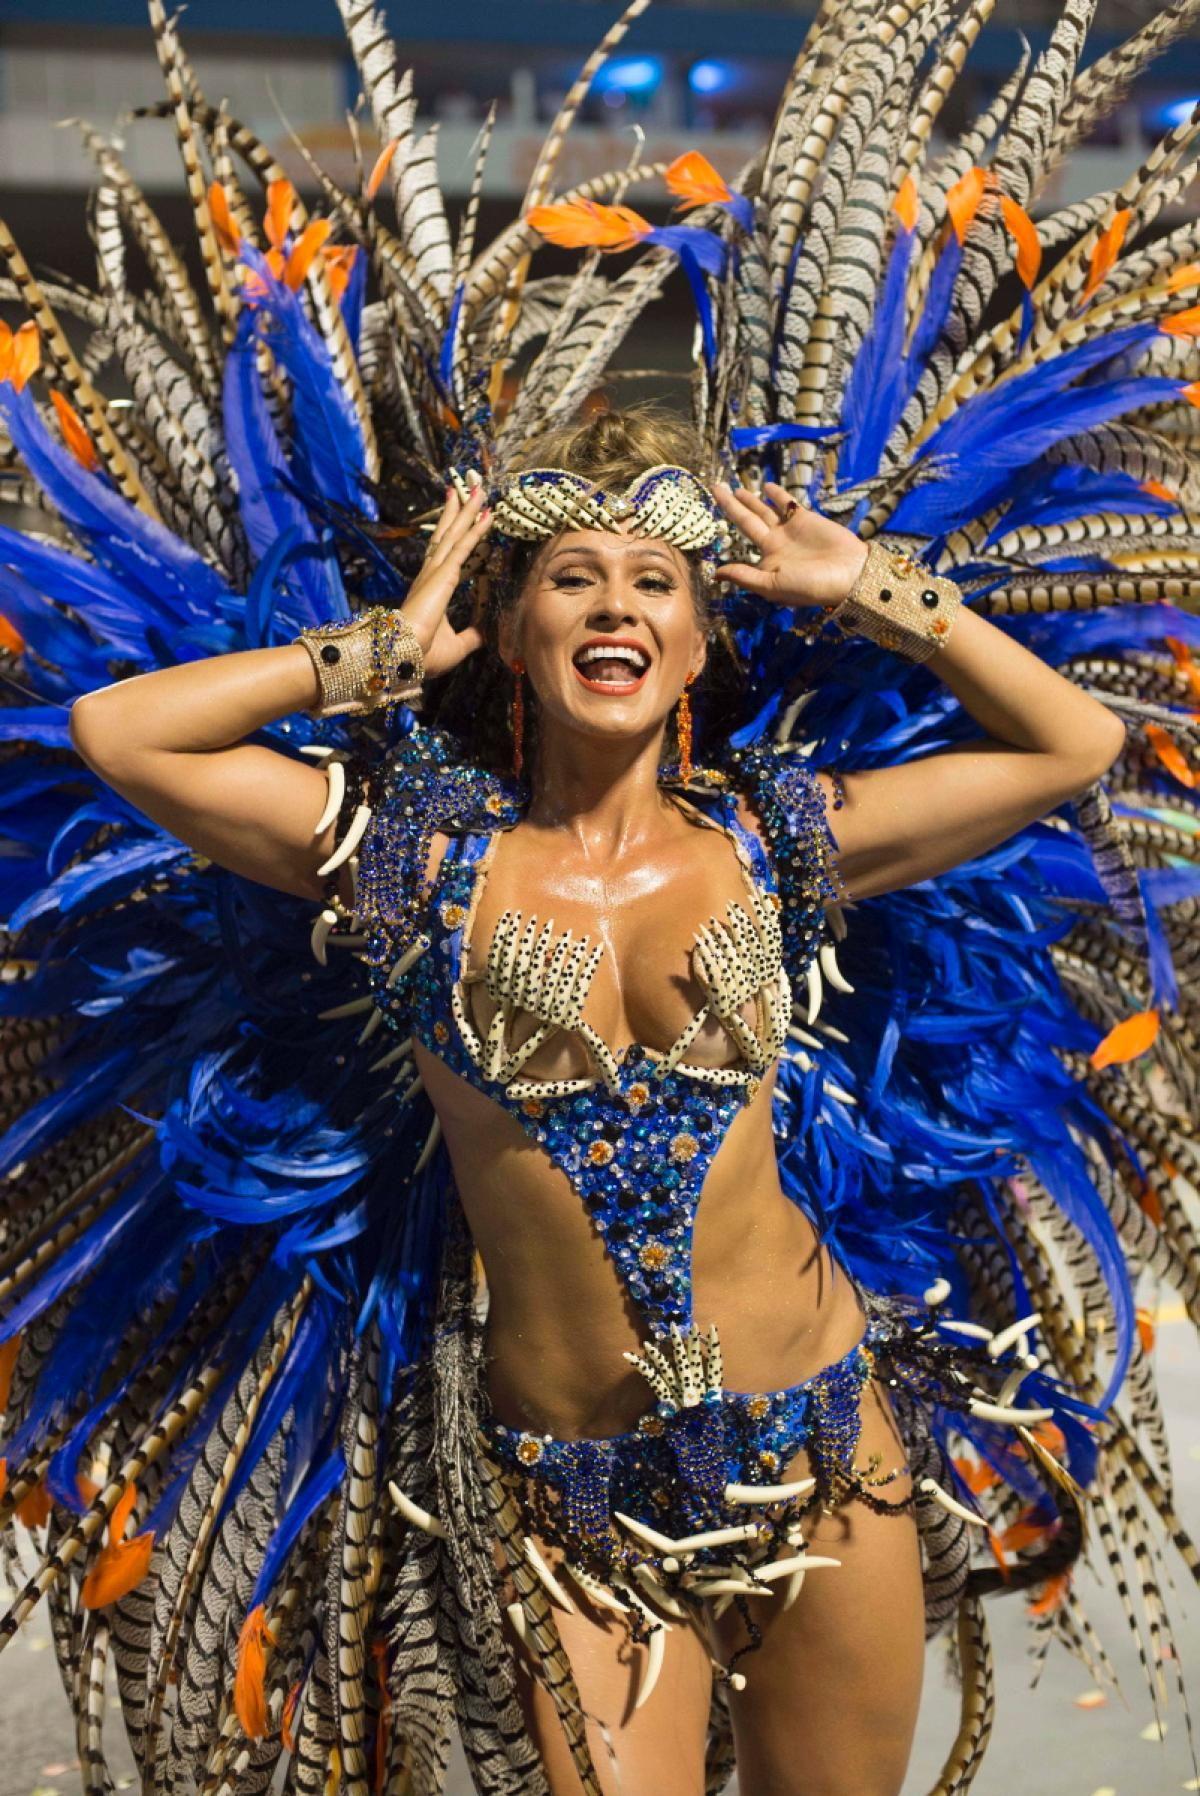 Carnaval - Brasil / Carnival - Brazil | Carnaval no Rio de